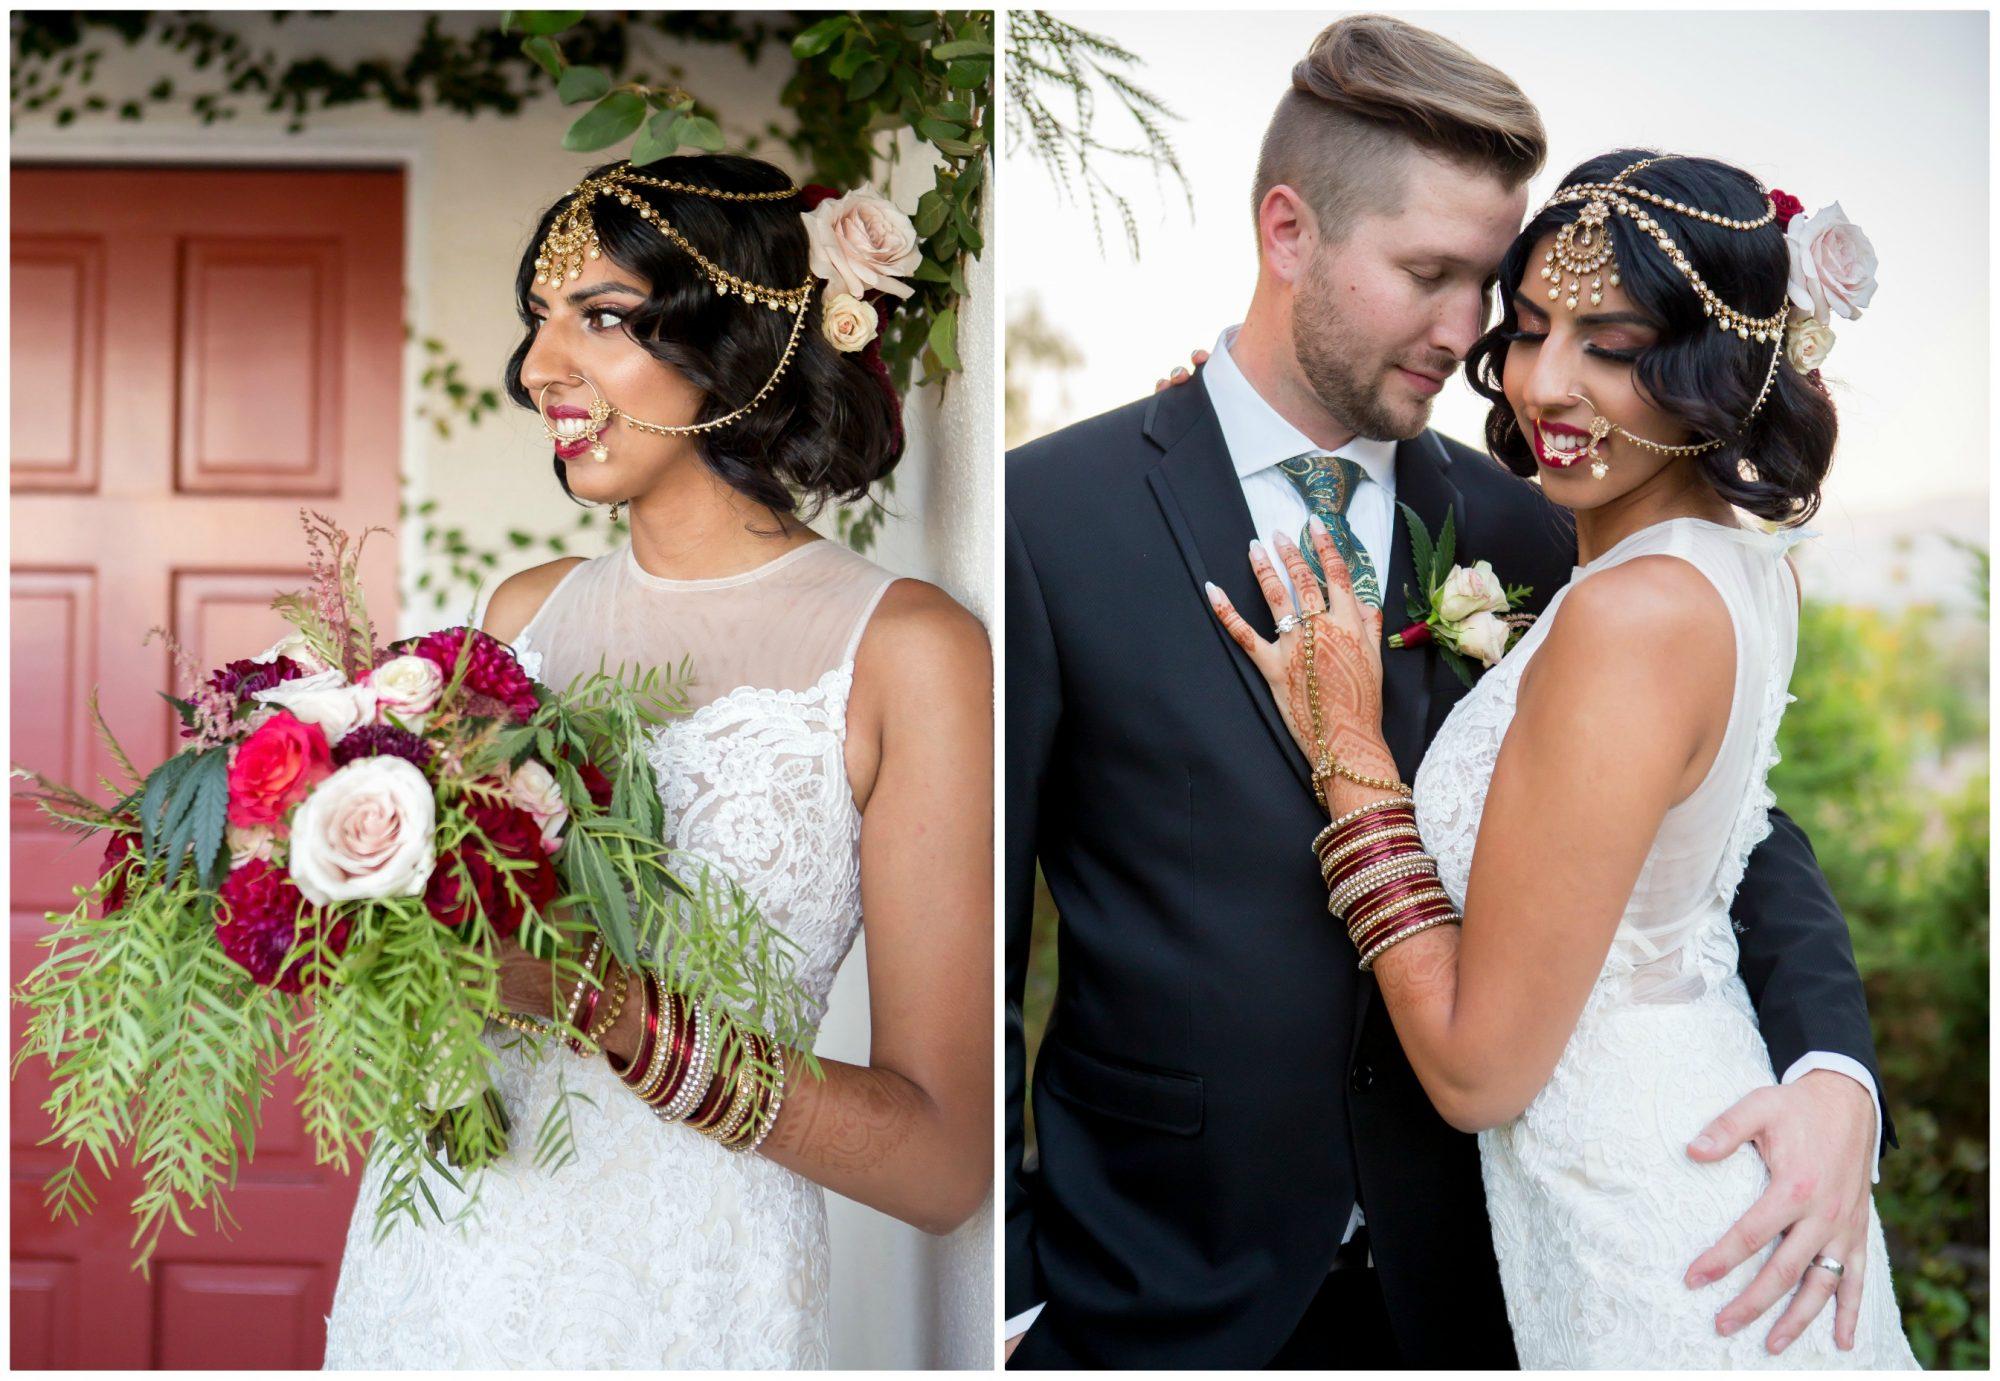 weed-wedding-flowers1.jpg